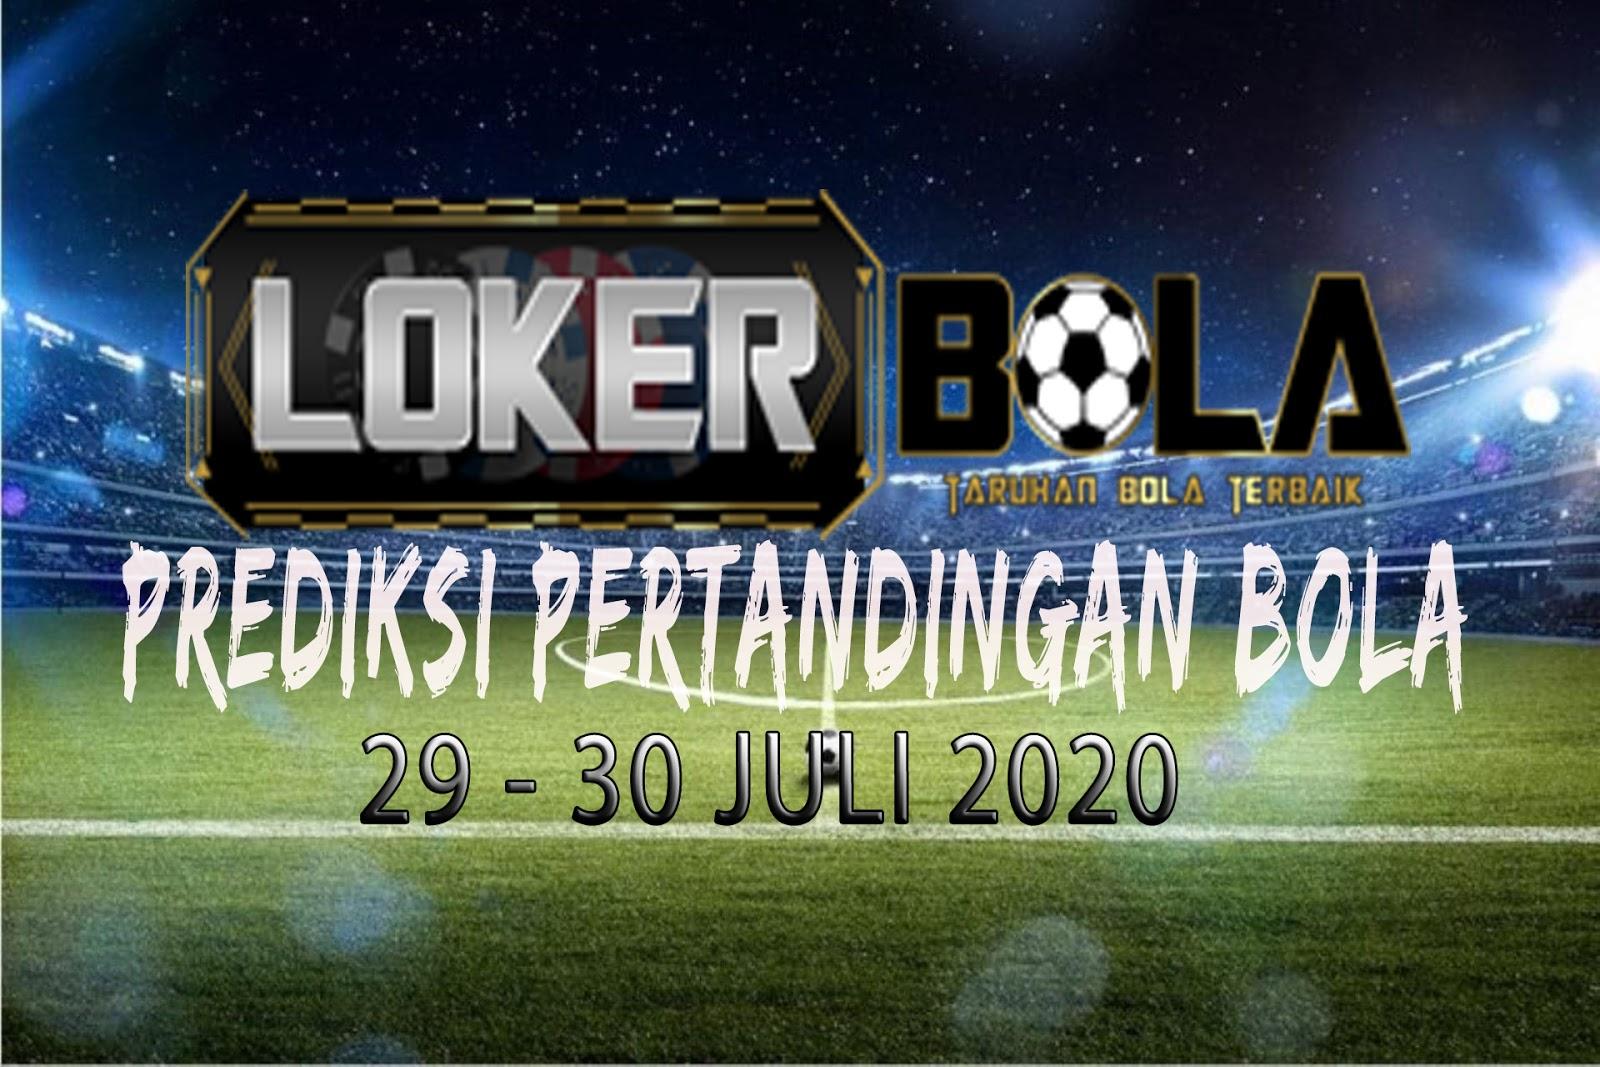 PREDIKSI PERTANDINGAN BOLA 29 – 30 JULI 2020